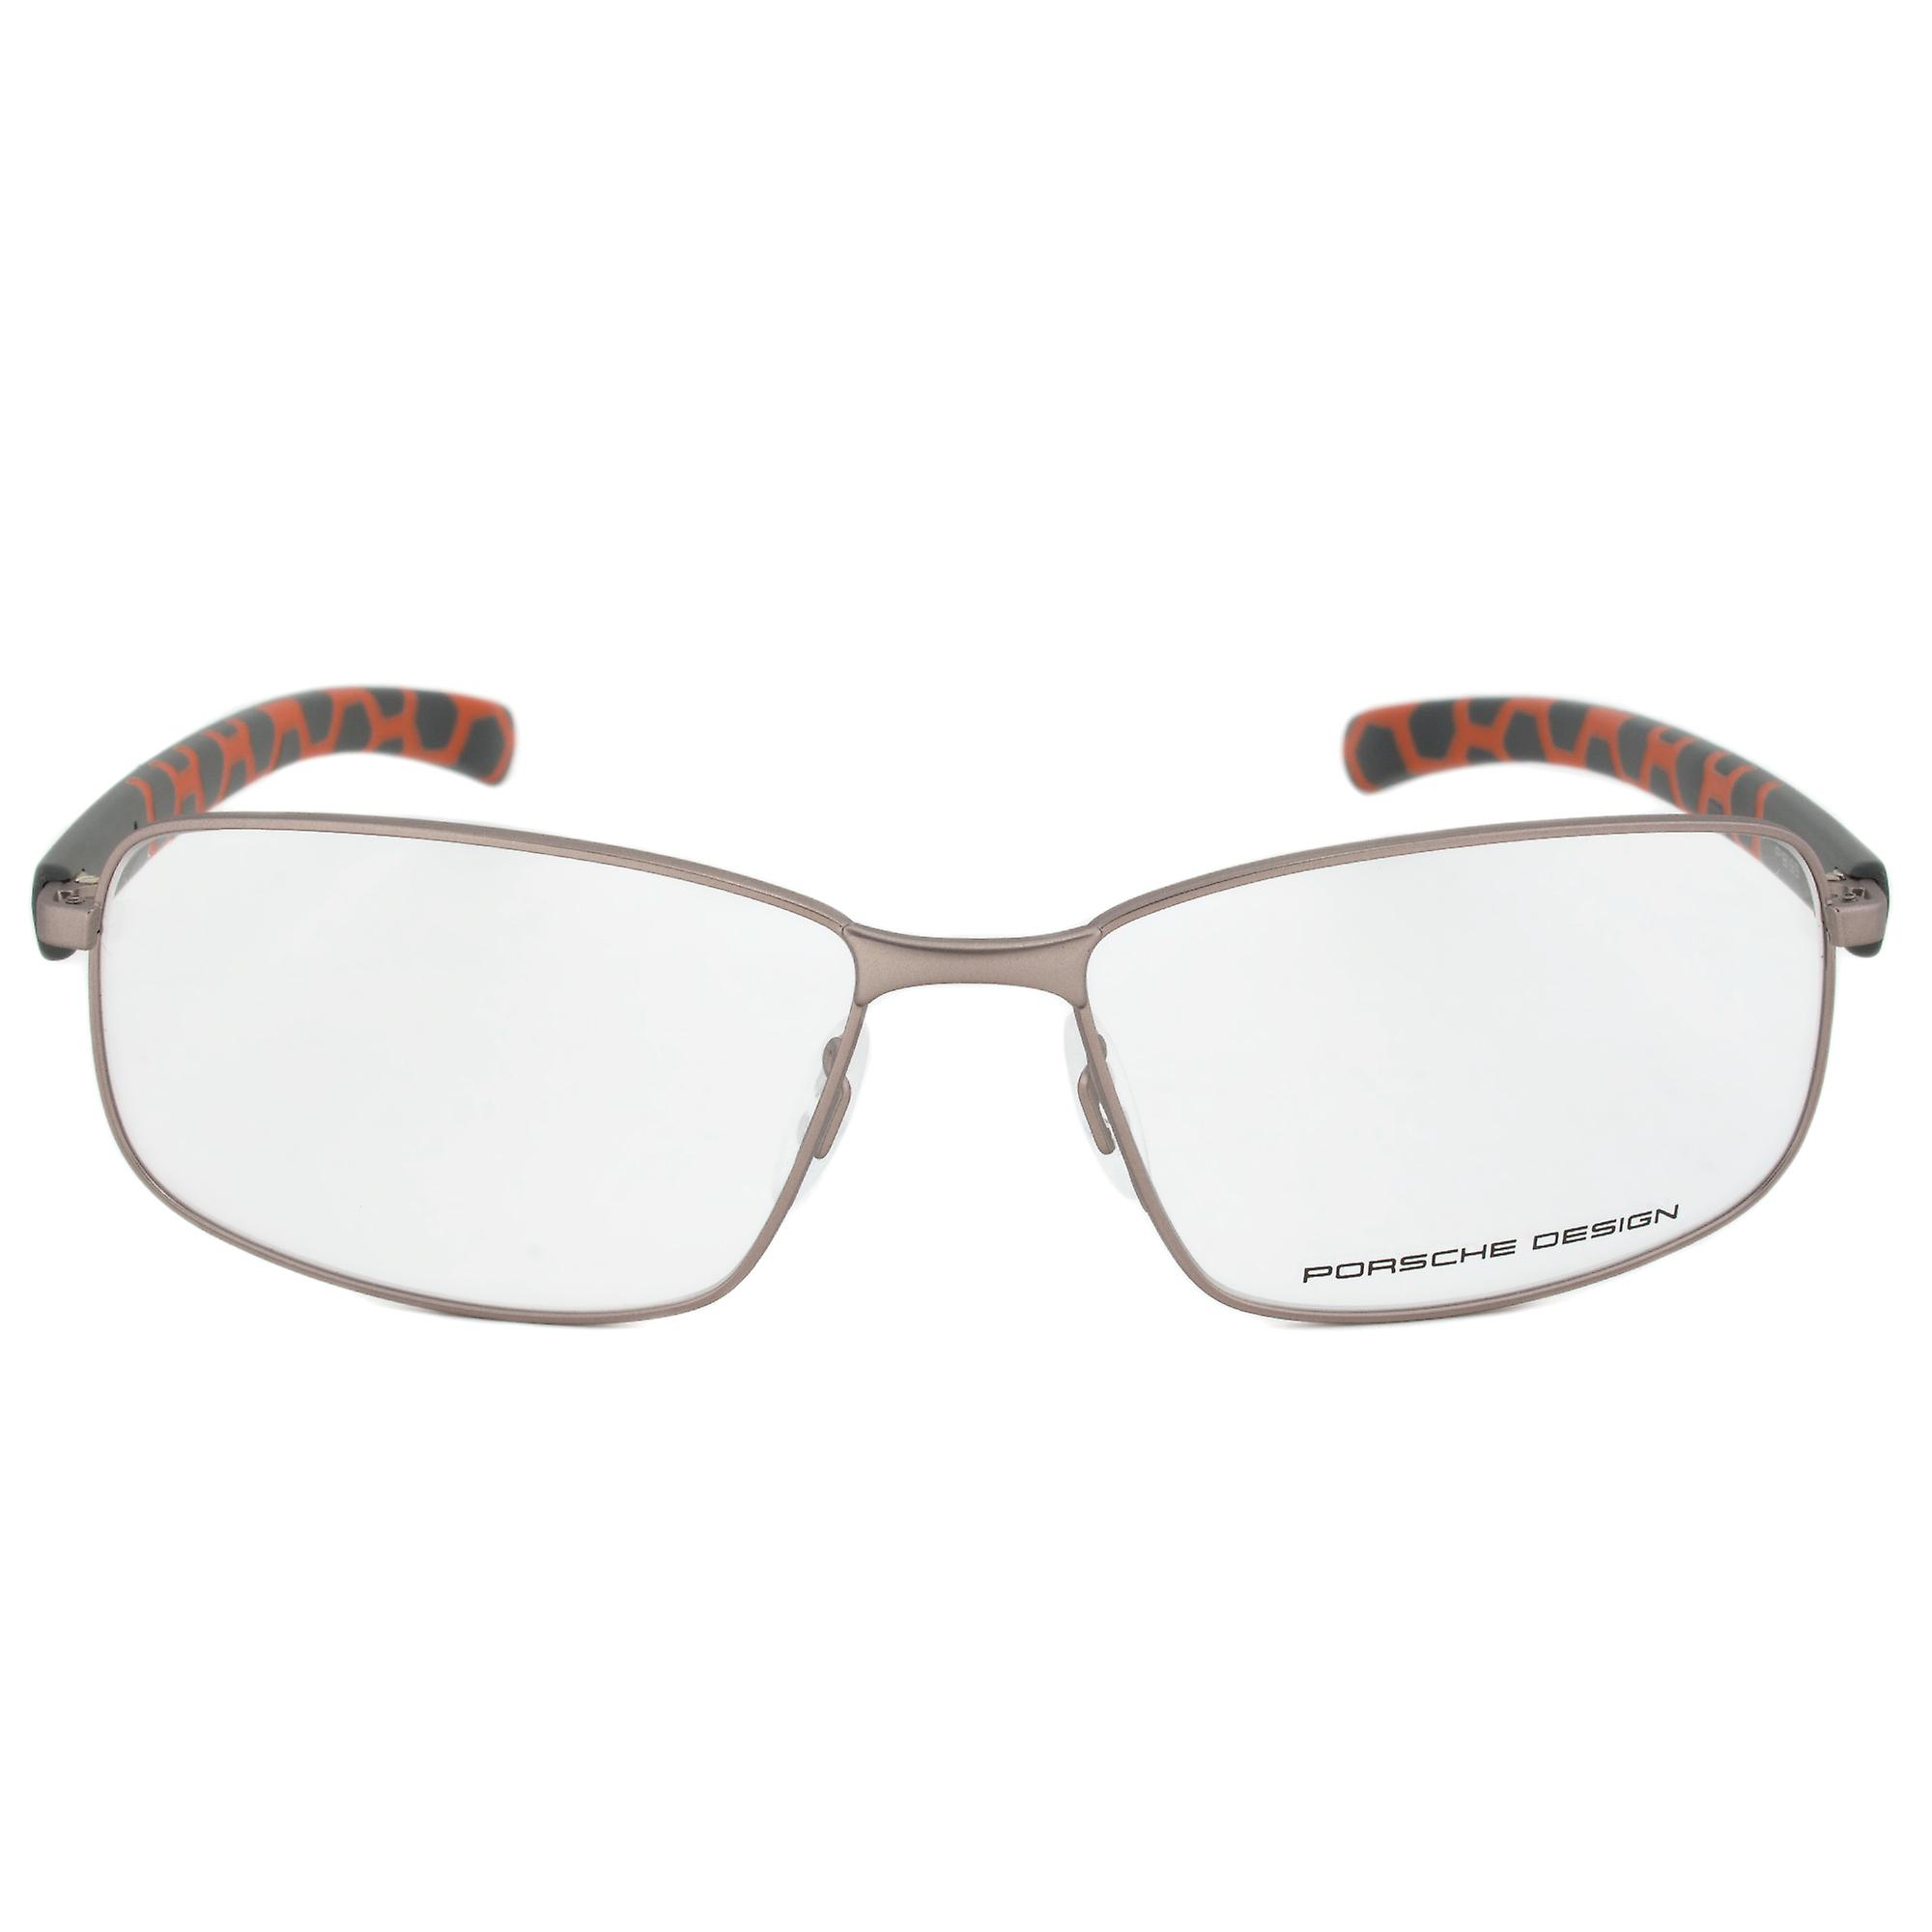 Porsche Design P8199 B Rectangular   Light Gunmetal  Eyeglass Frames